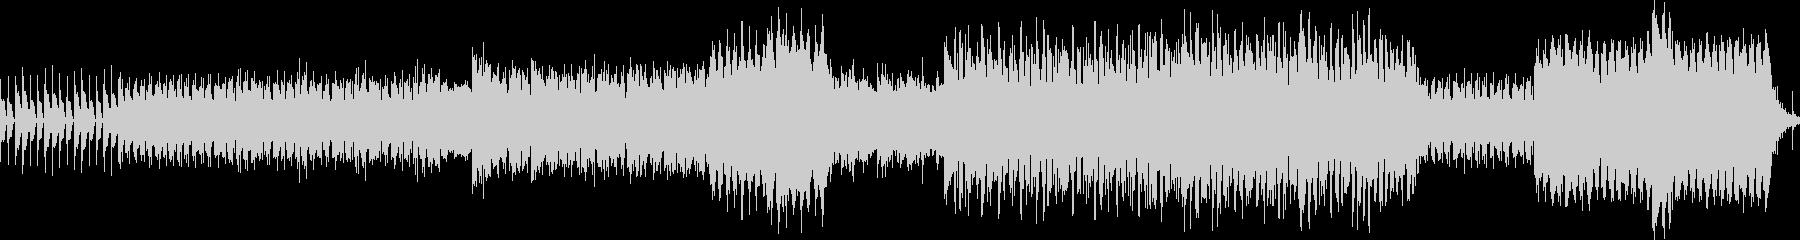 激しいビートのリリカルなポストロックの未再生の波形